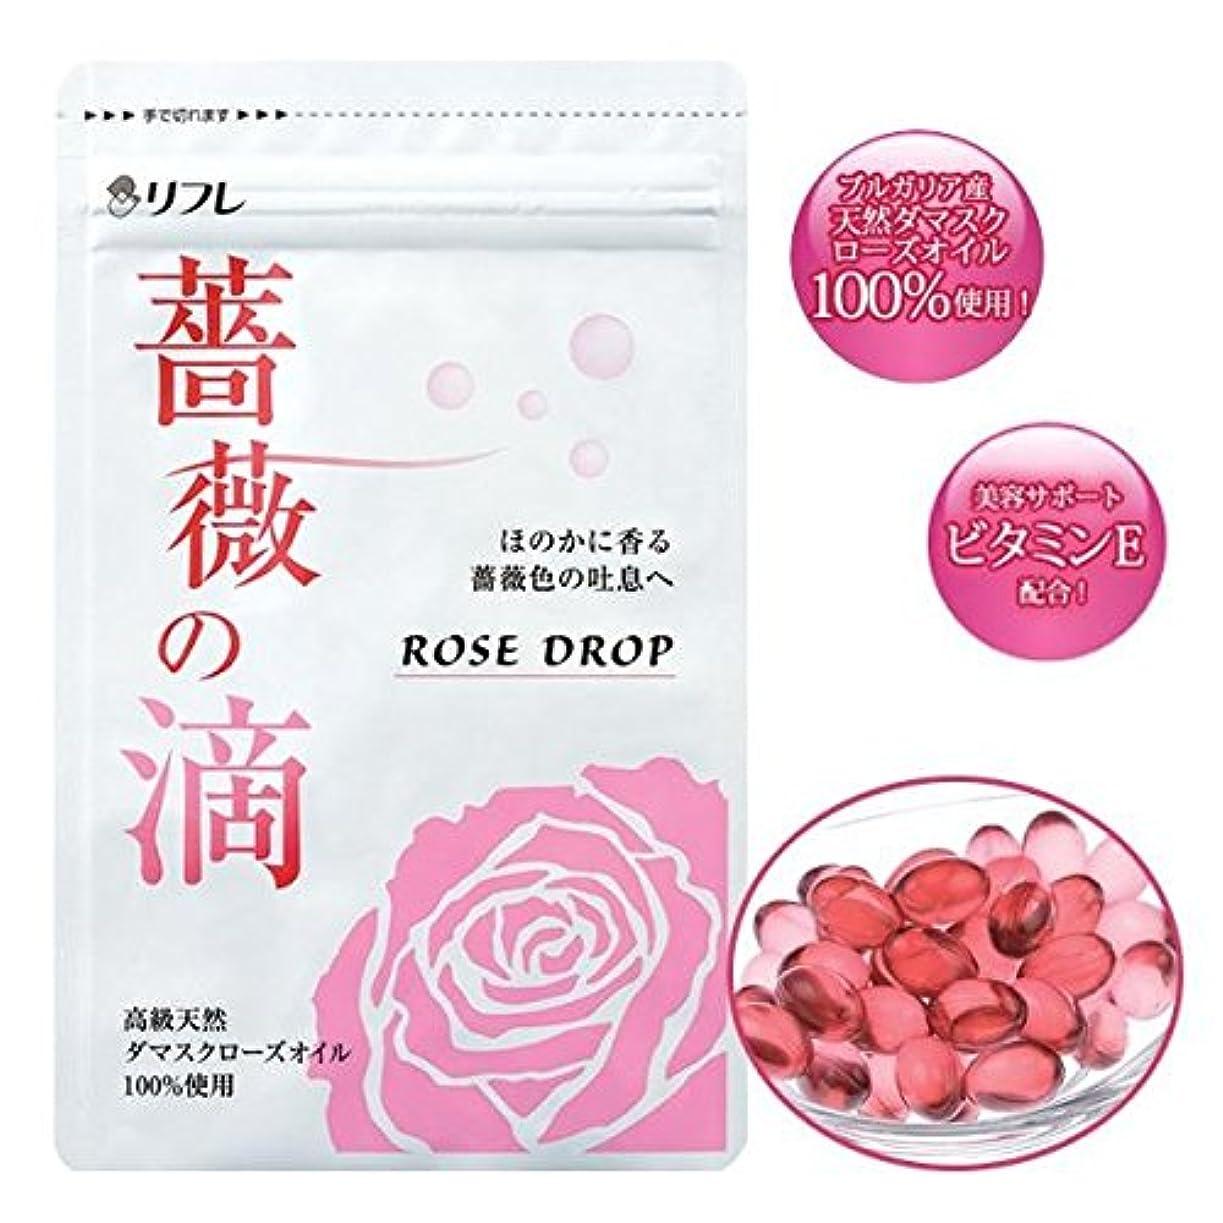 創造ピケぐったりリフレ ローズサプリ 薔薇の滴(ばらのしずく) 1袋62粒(約1ヵ月分) 日本製 Japan